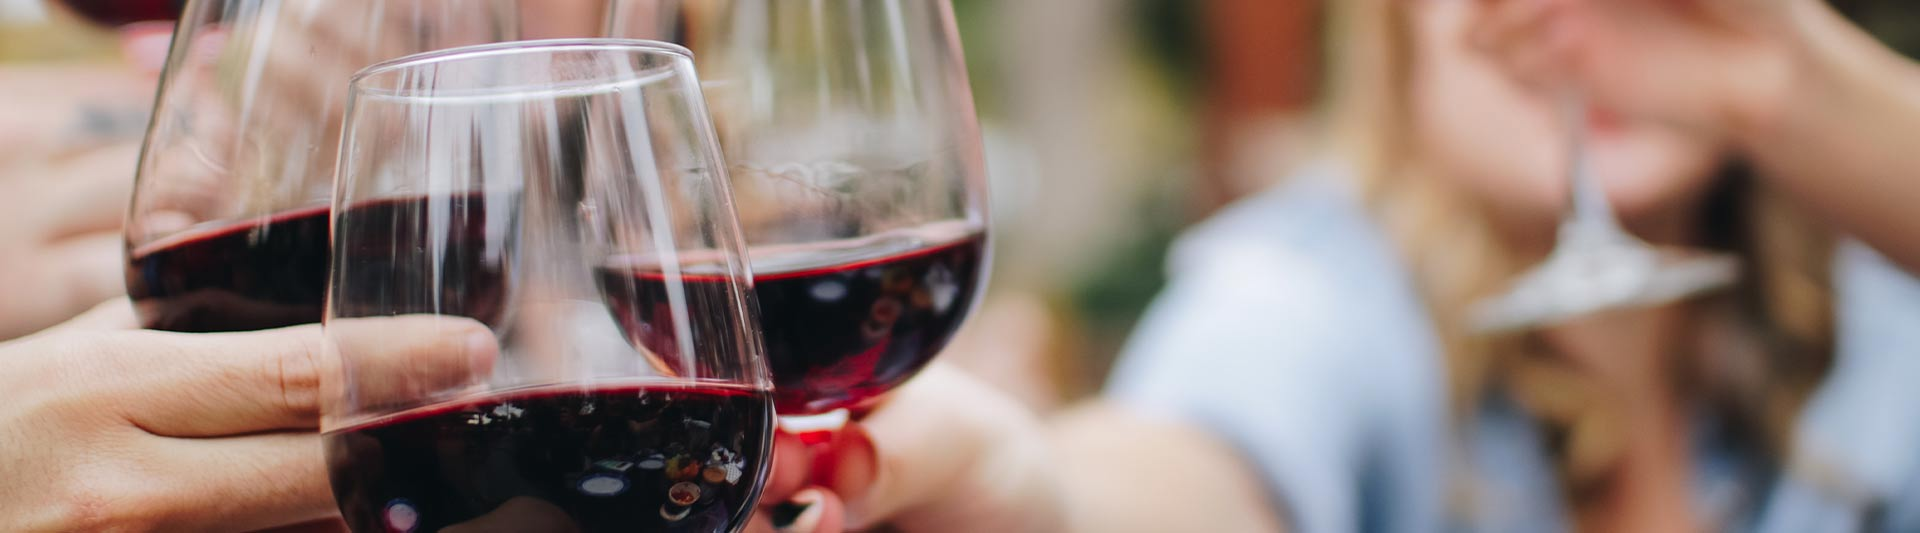 Wineries header image